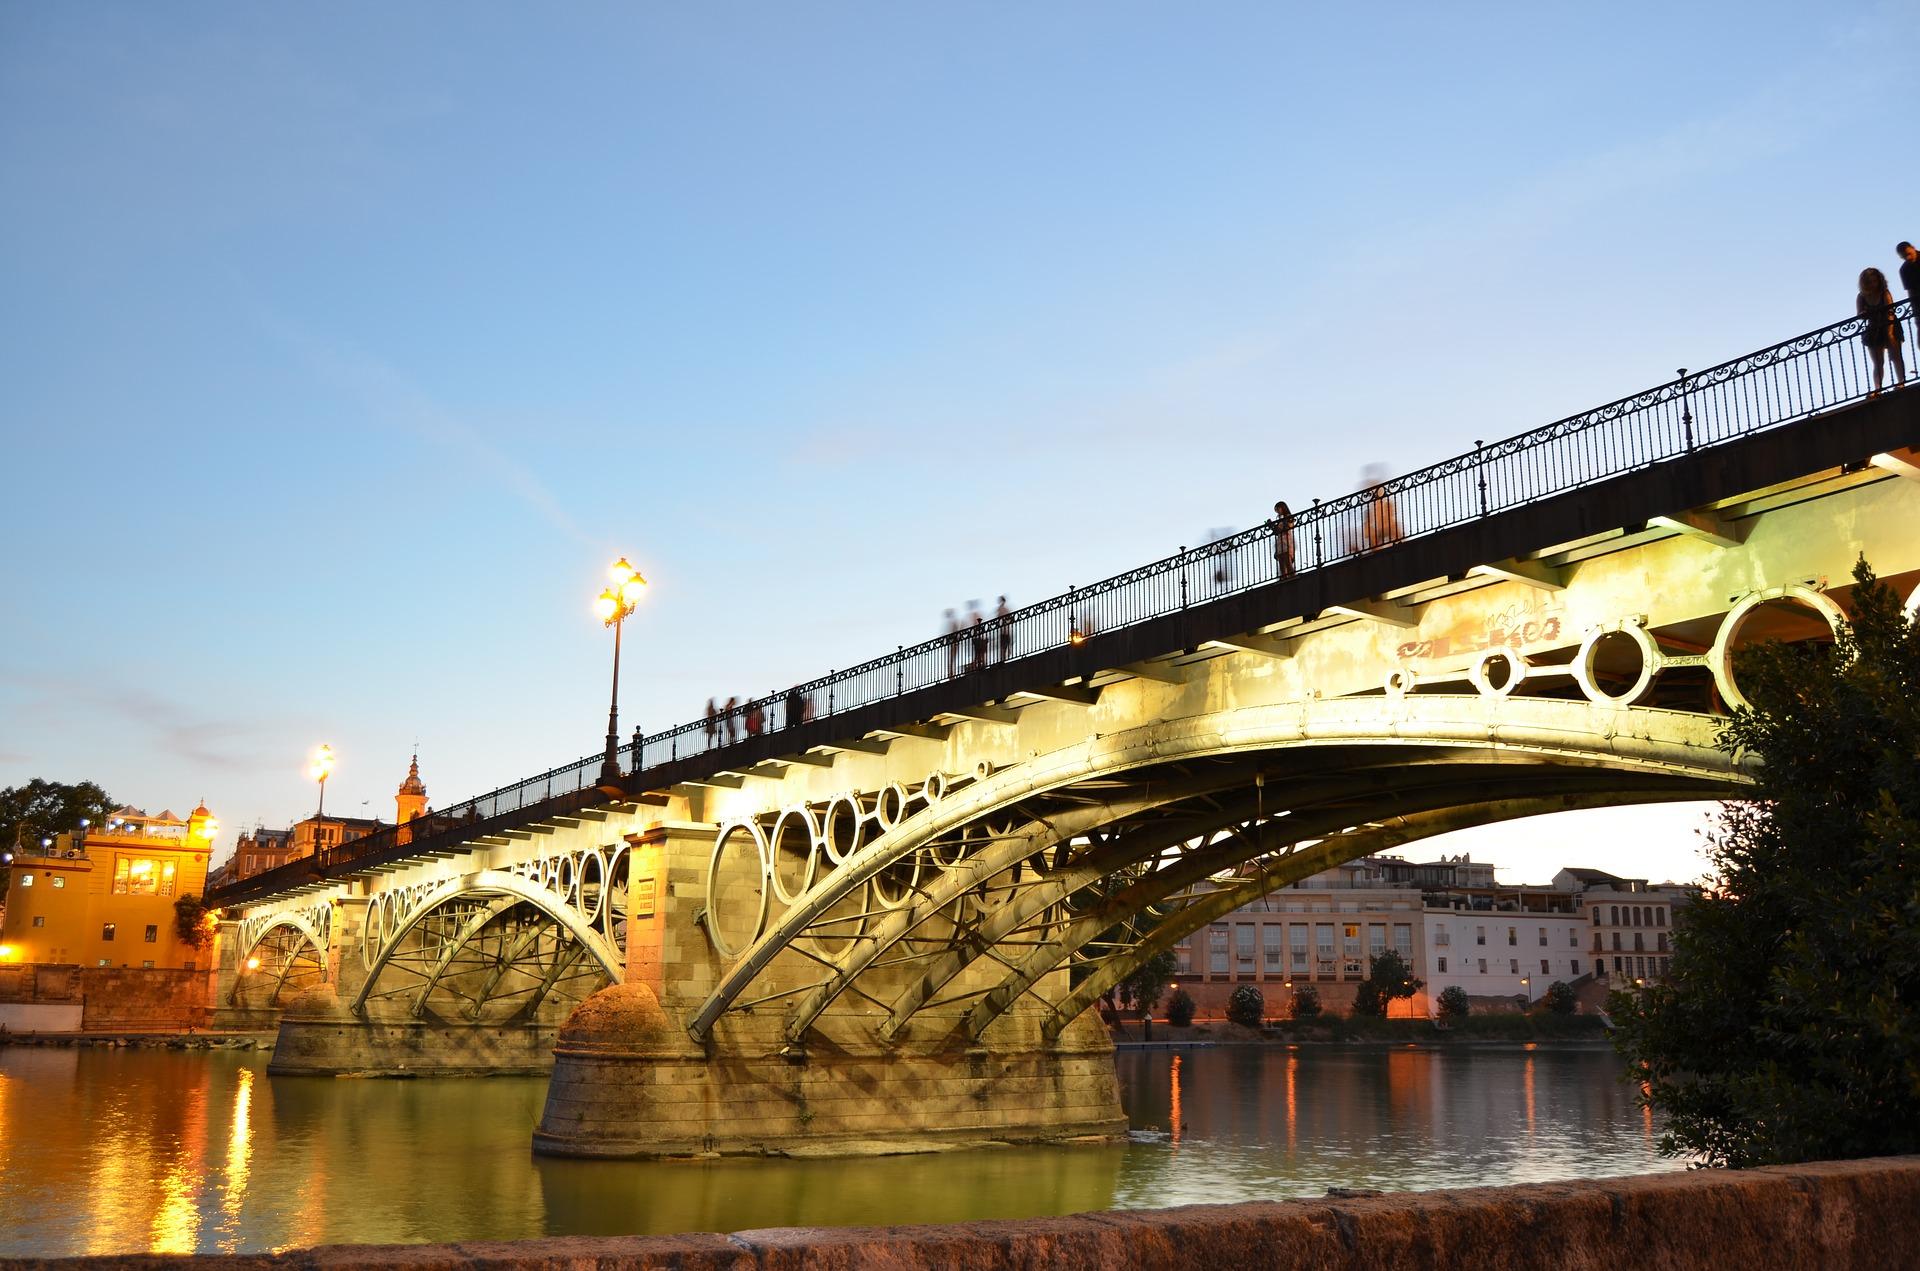 bridge-1590857_1920